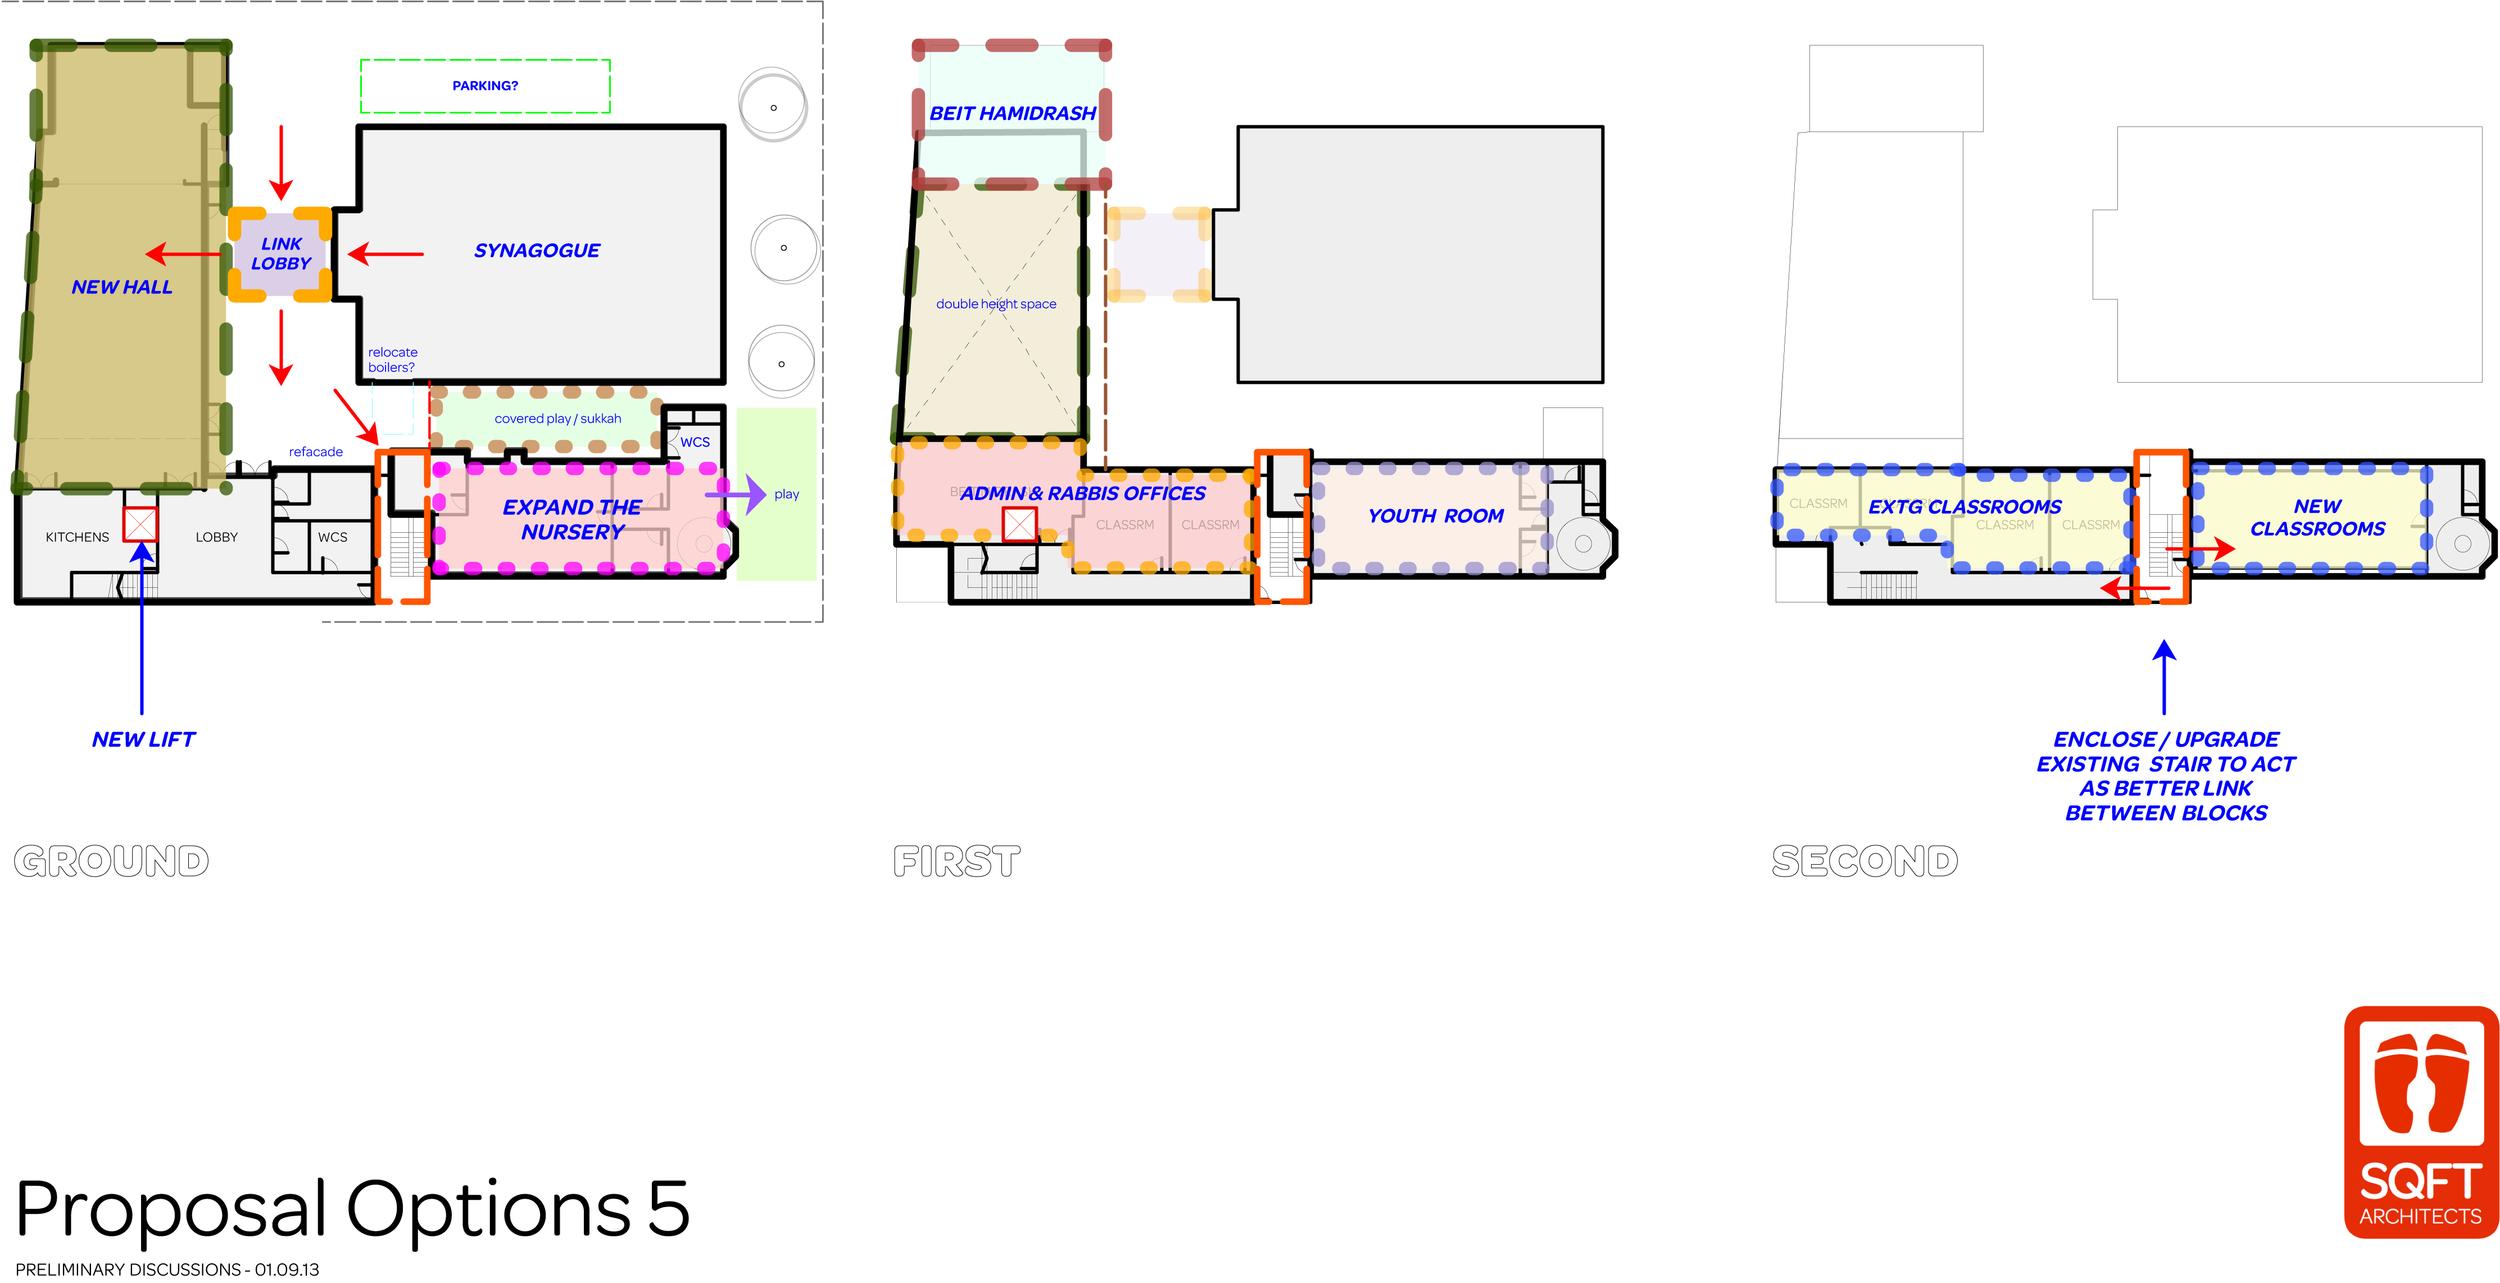 WoodsideParkSyn-Plan-130827-DL-Opt5.jpg